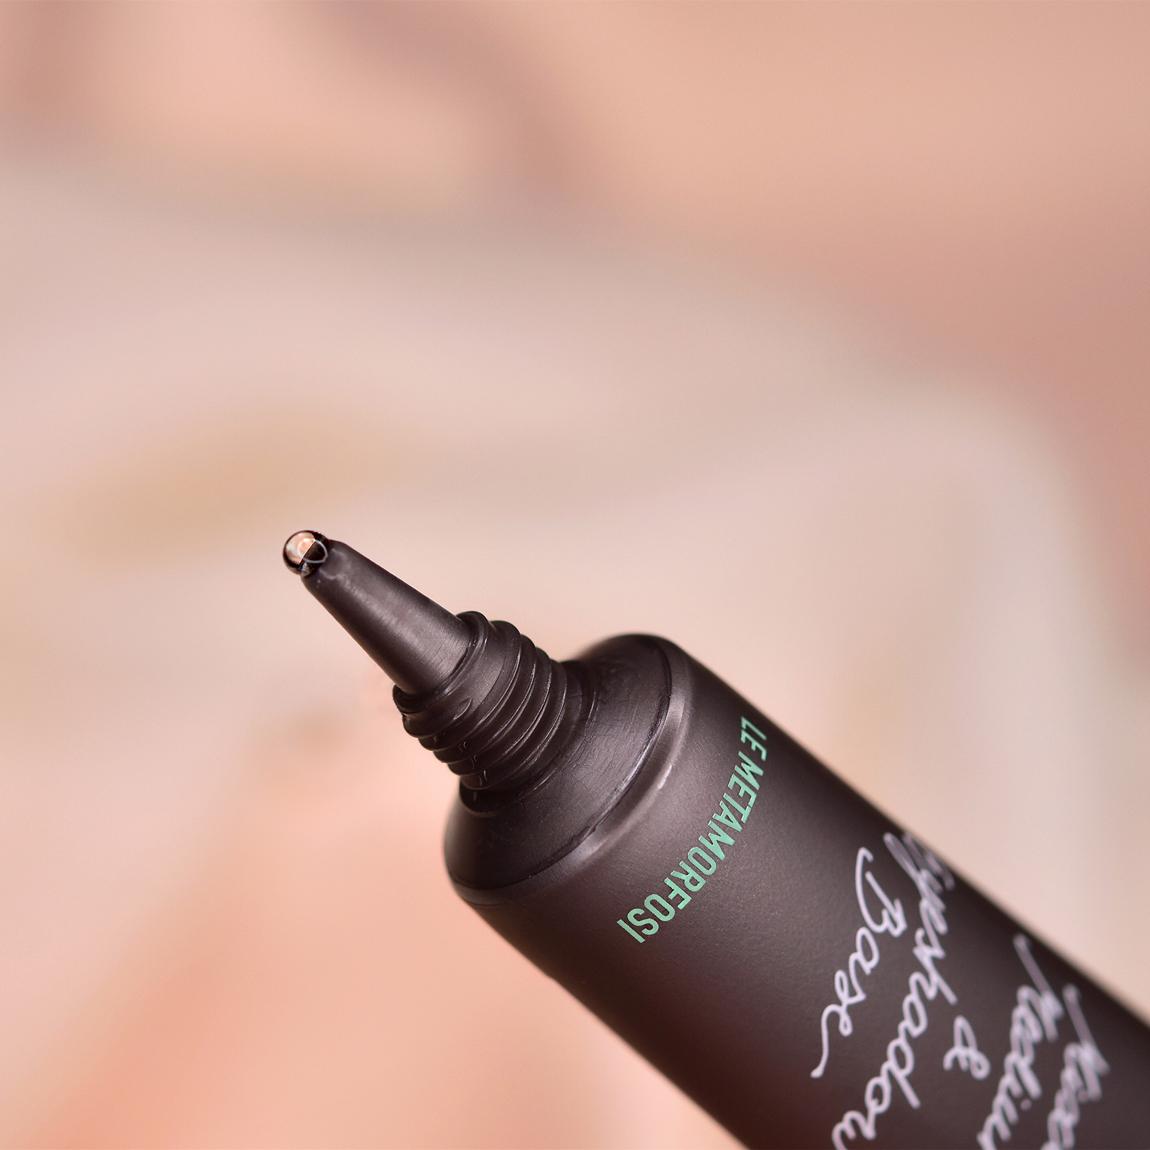 Mixing medium for eyeshadow